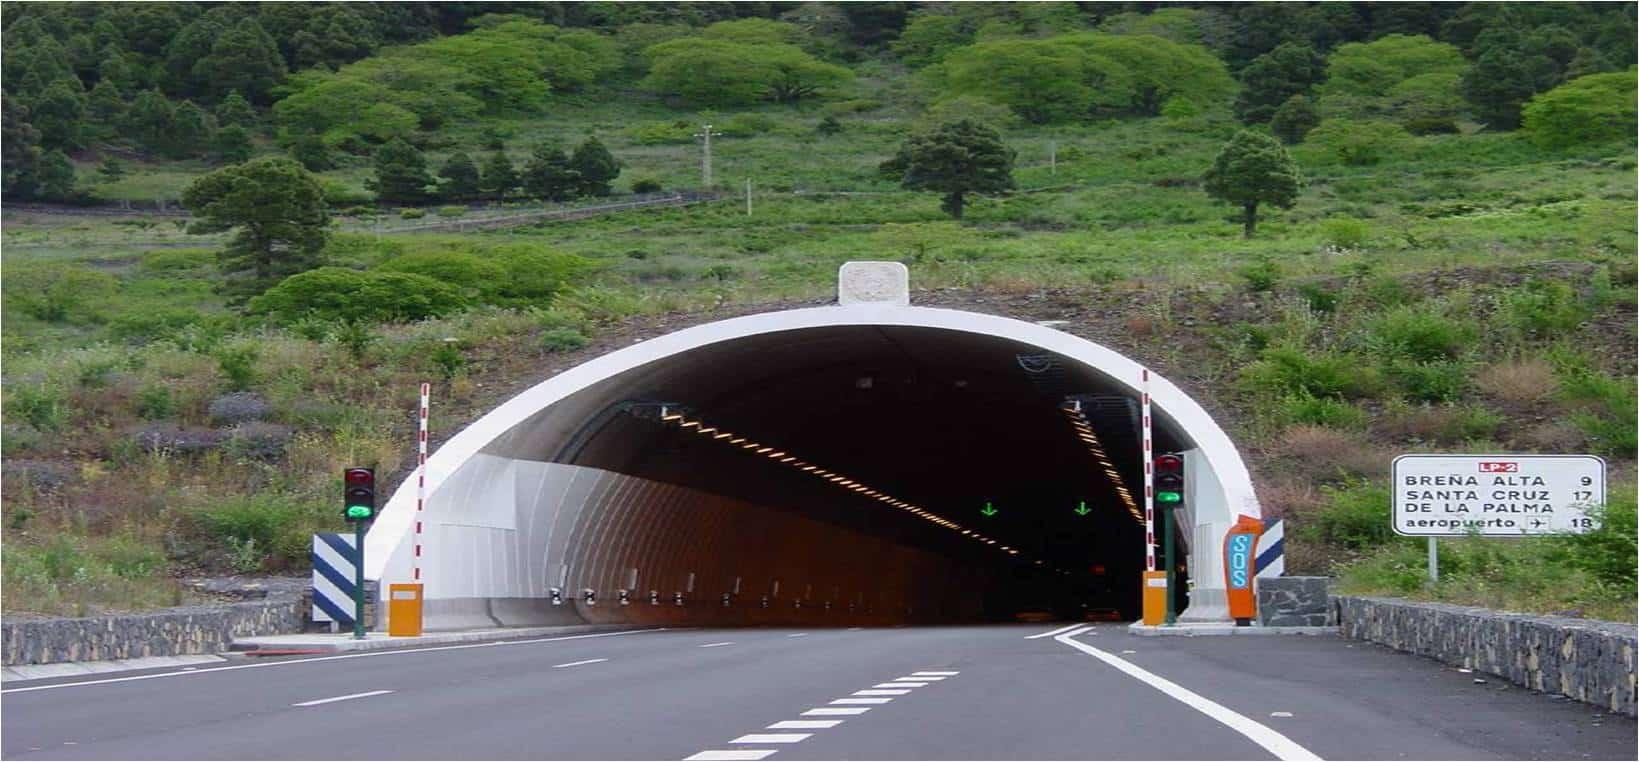 Infraestructura licita el servicio de control, mantenimiento y conservación del nuevo túnel de la cumbre y la carretera LP-20, vía exterior de Santa Cruz de La Palma.